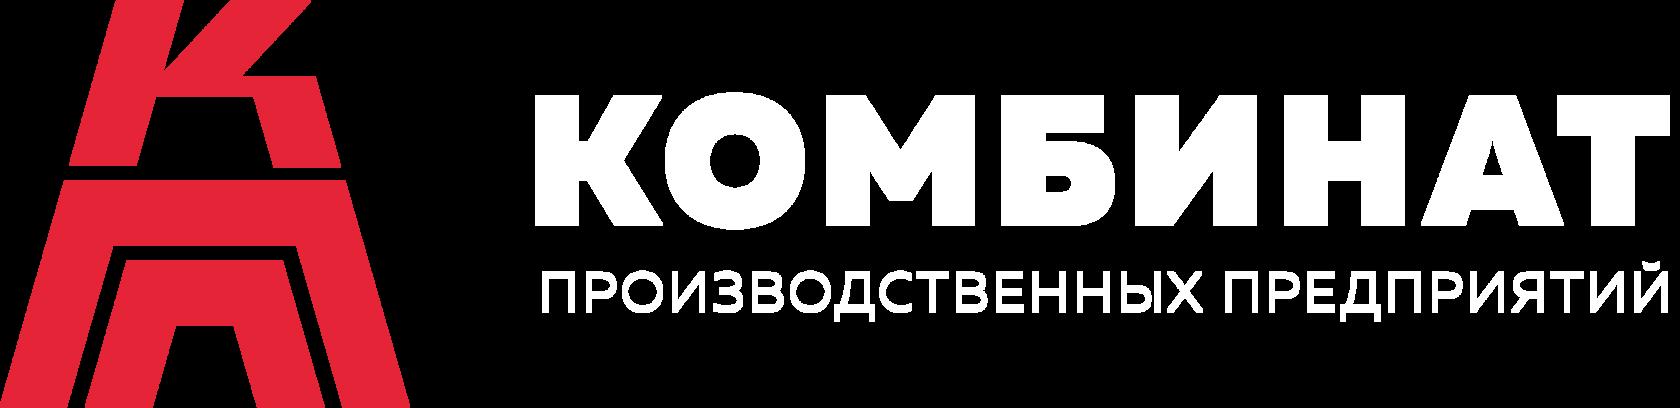 БЕТОН ЖБИ